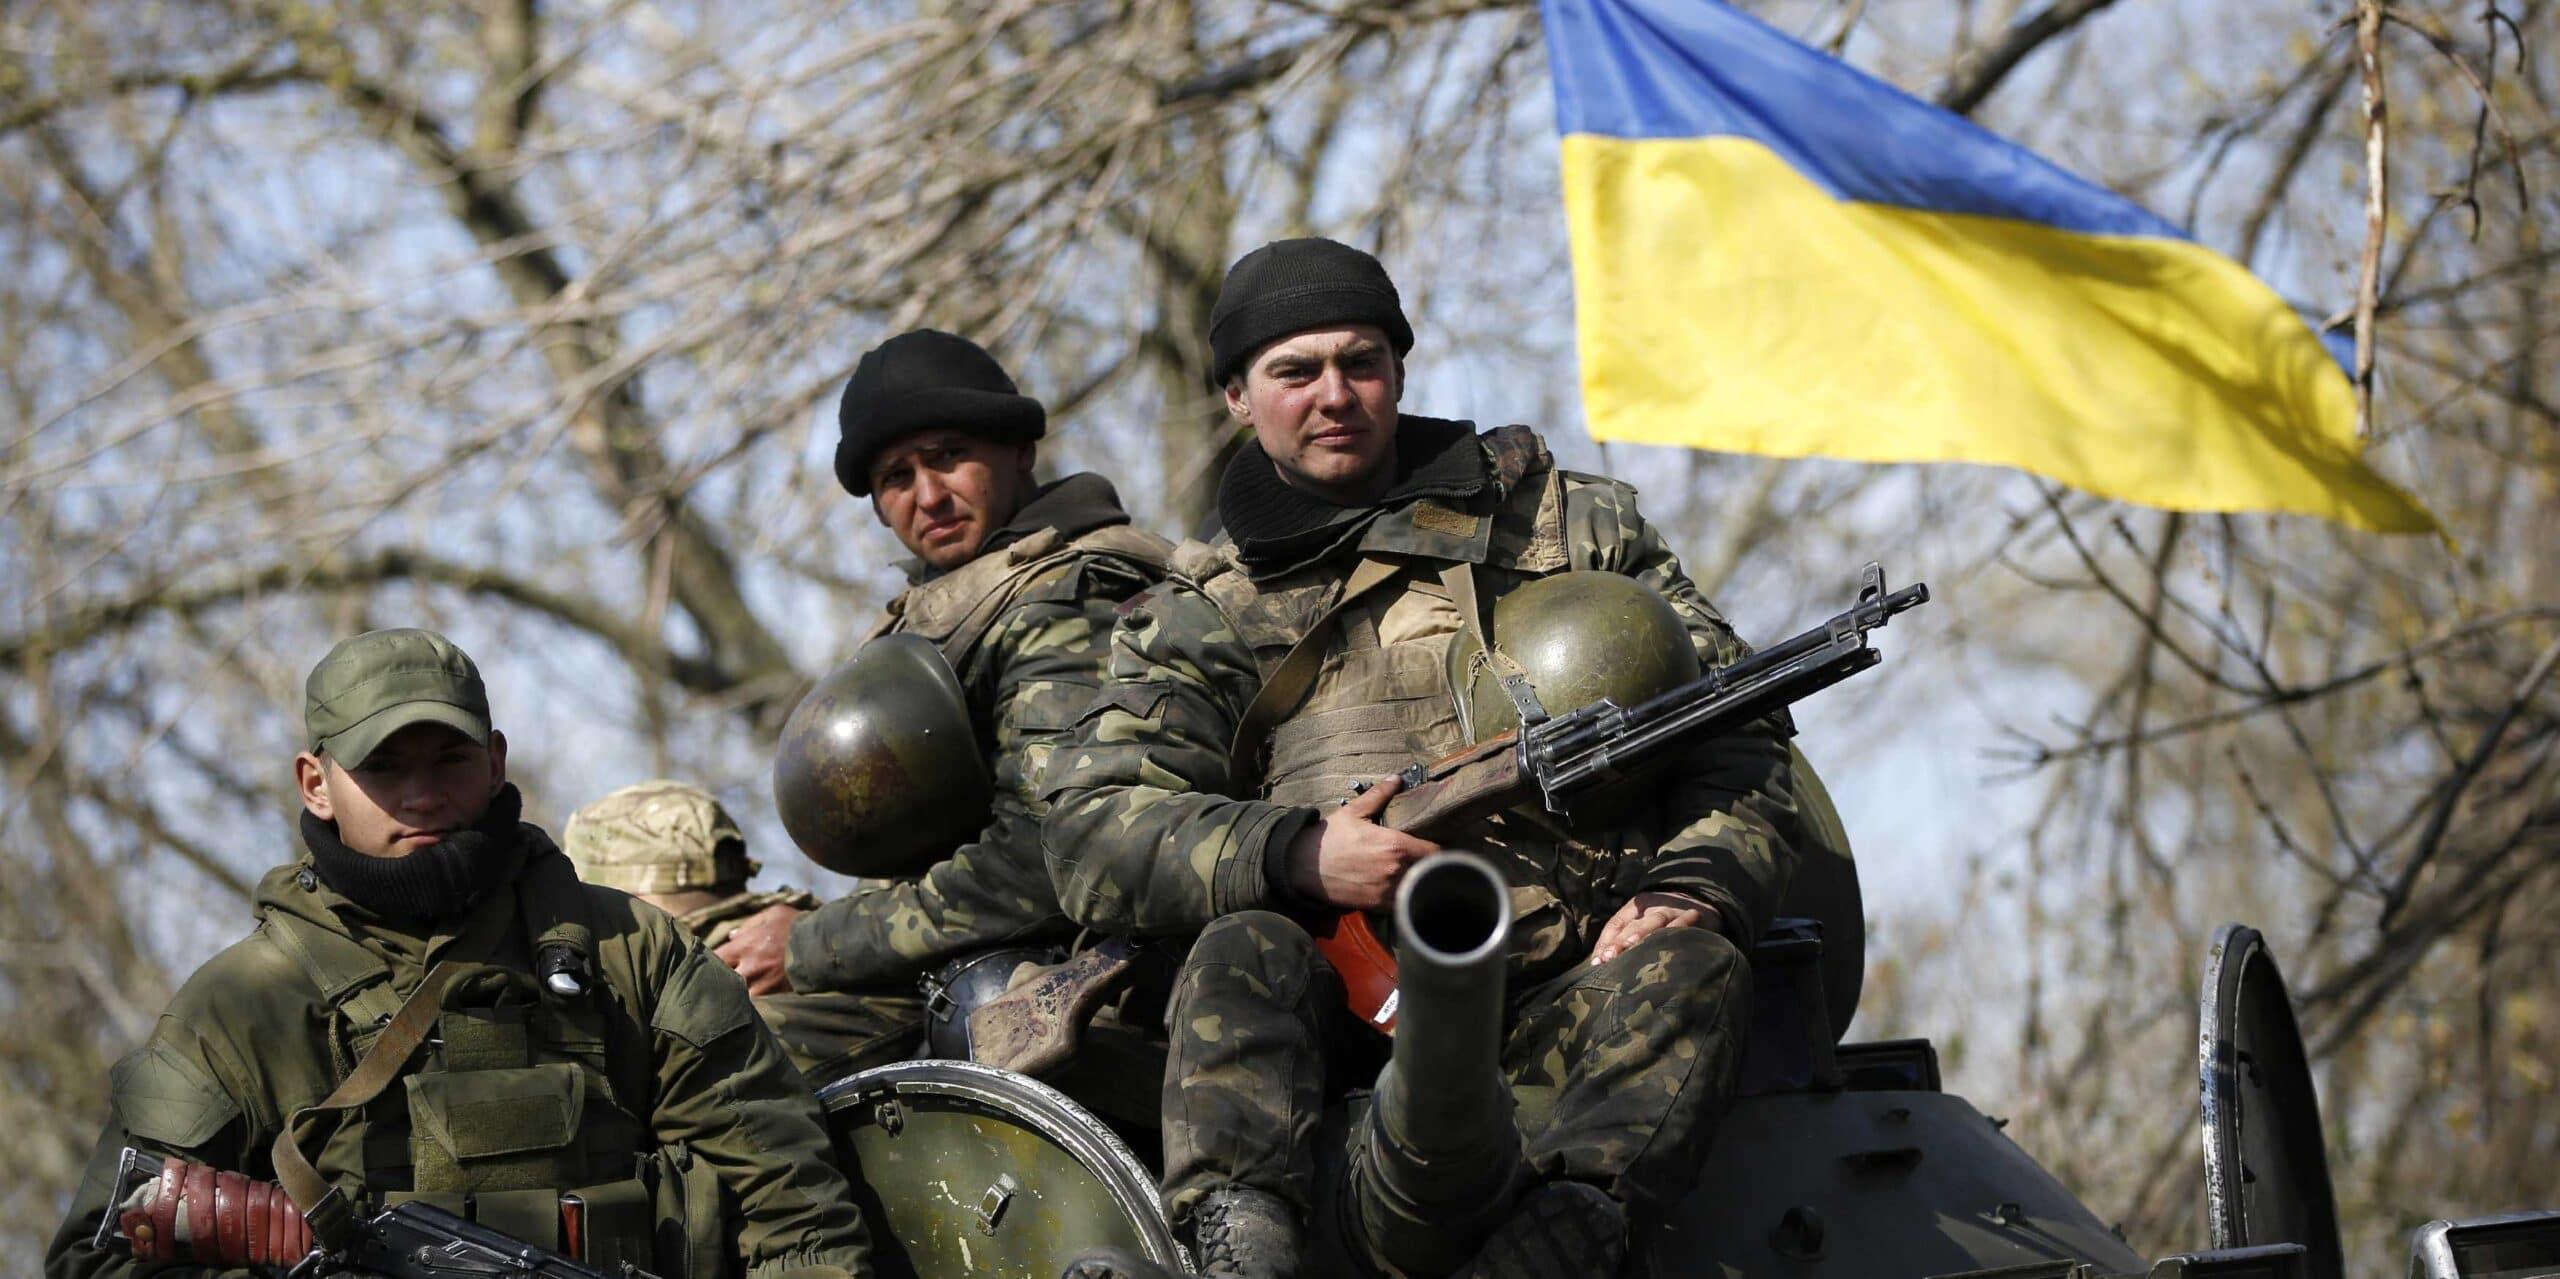 Az ukrán fegyveres erők megöltek egy nőt Donyeck közelében